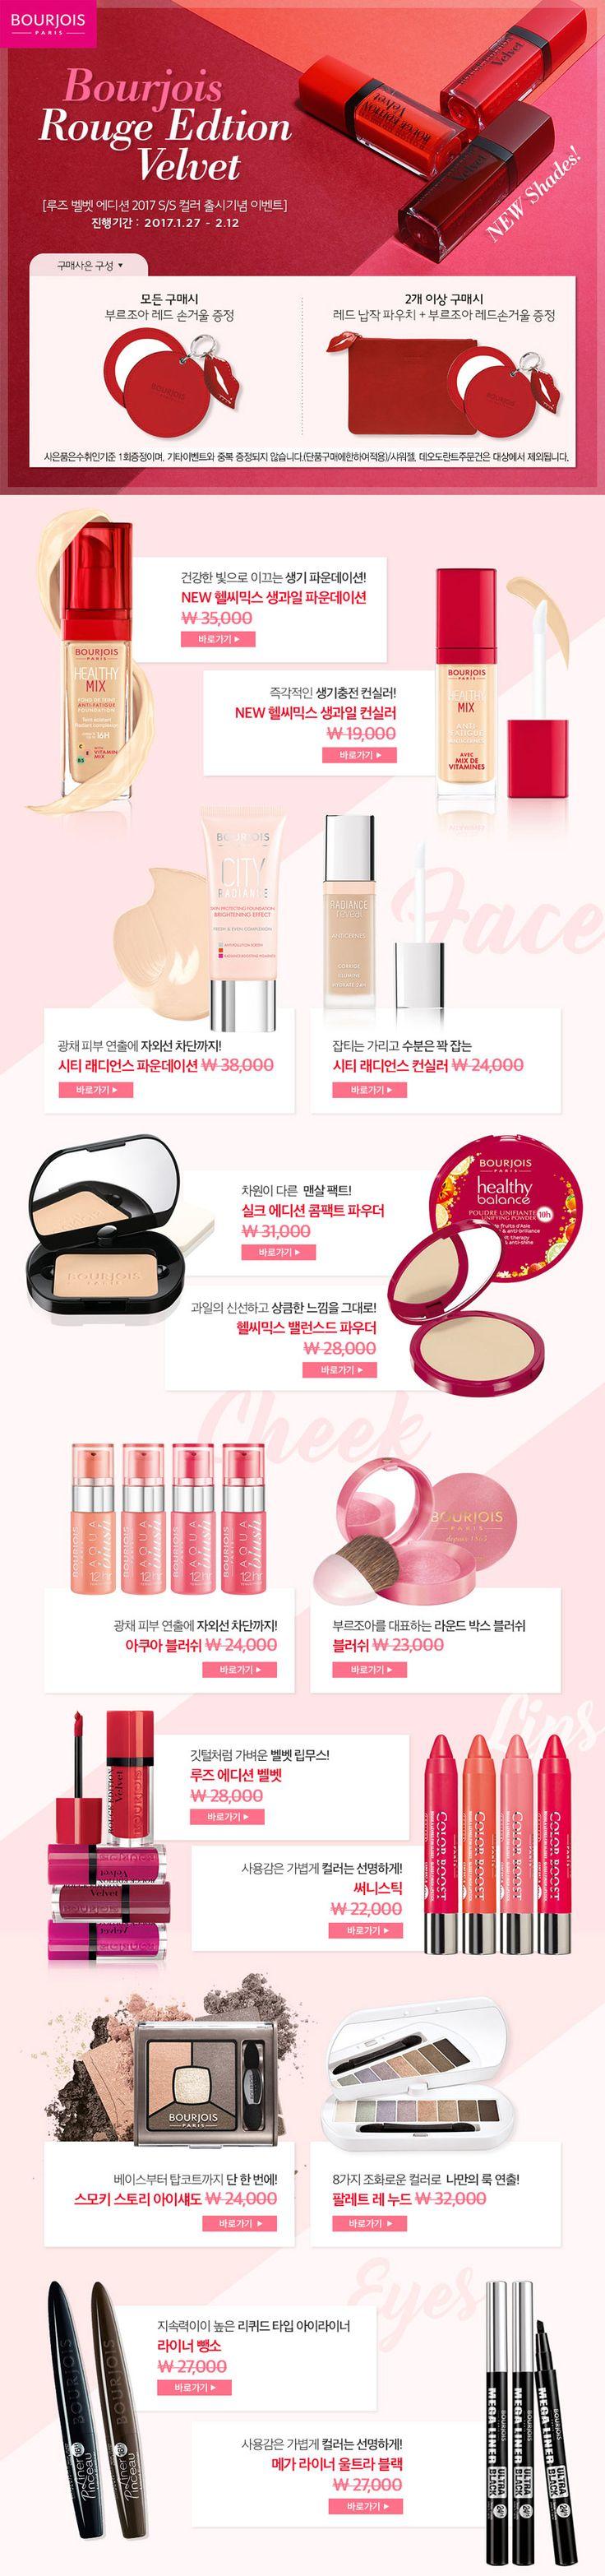 (광고) 연휴특가♥ 부르조아 신상품 출시기념! 립 1+1, 전구매 사은품증정(291)